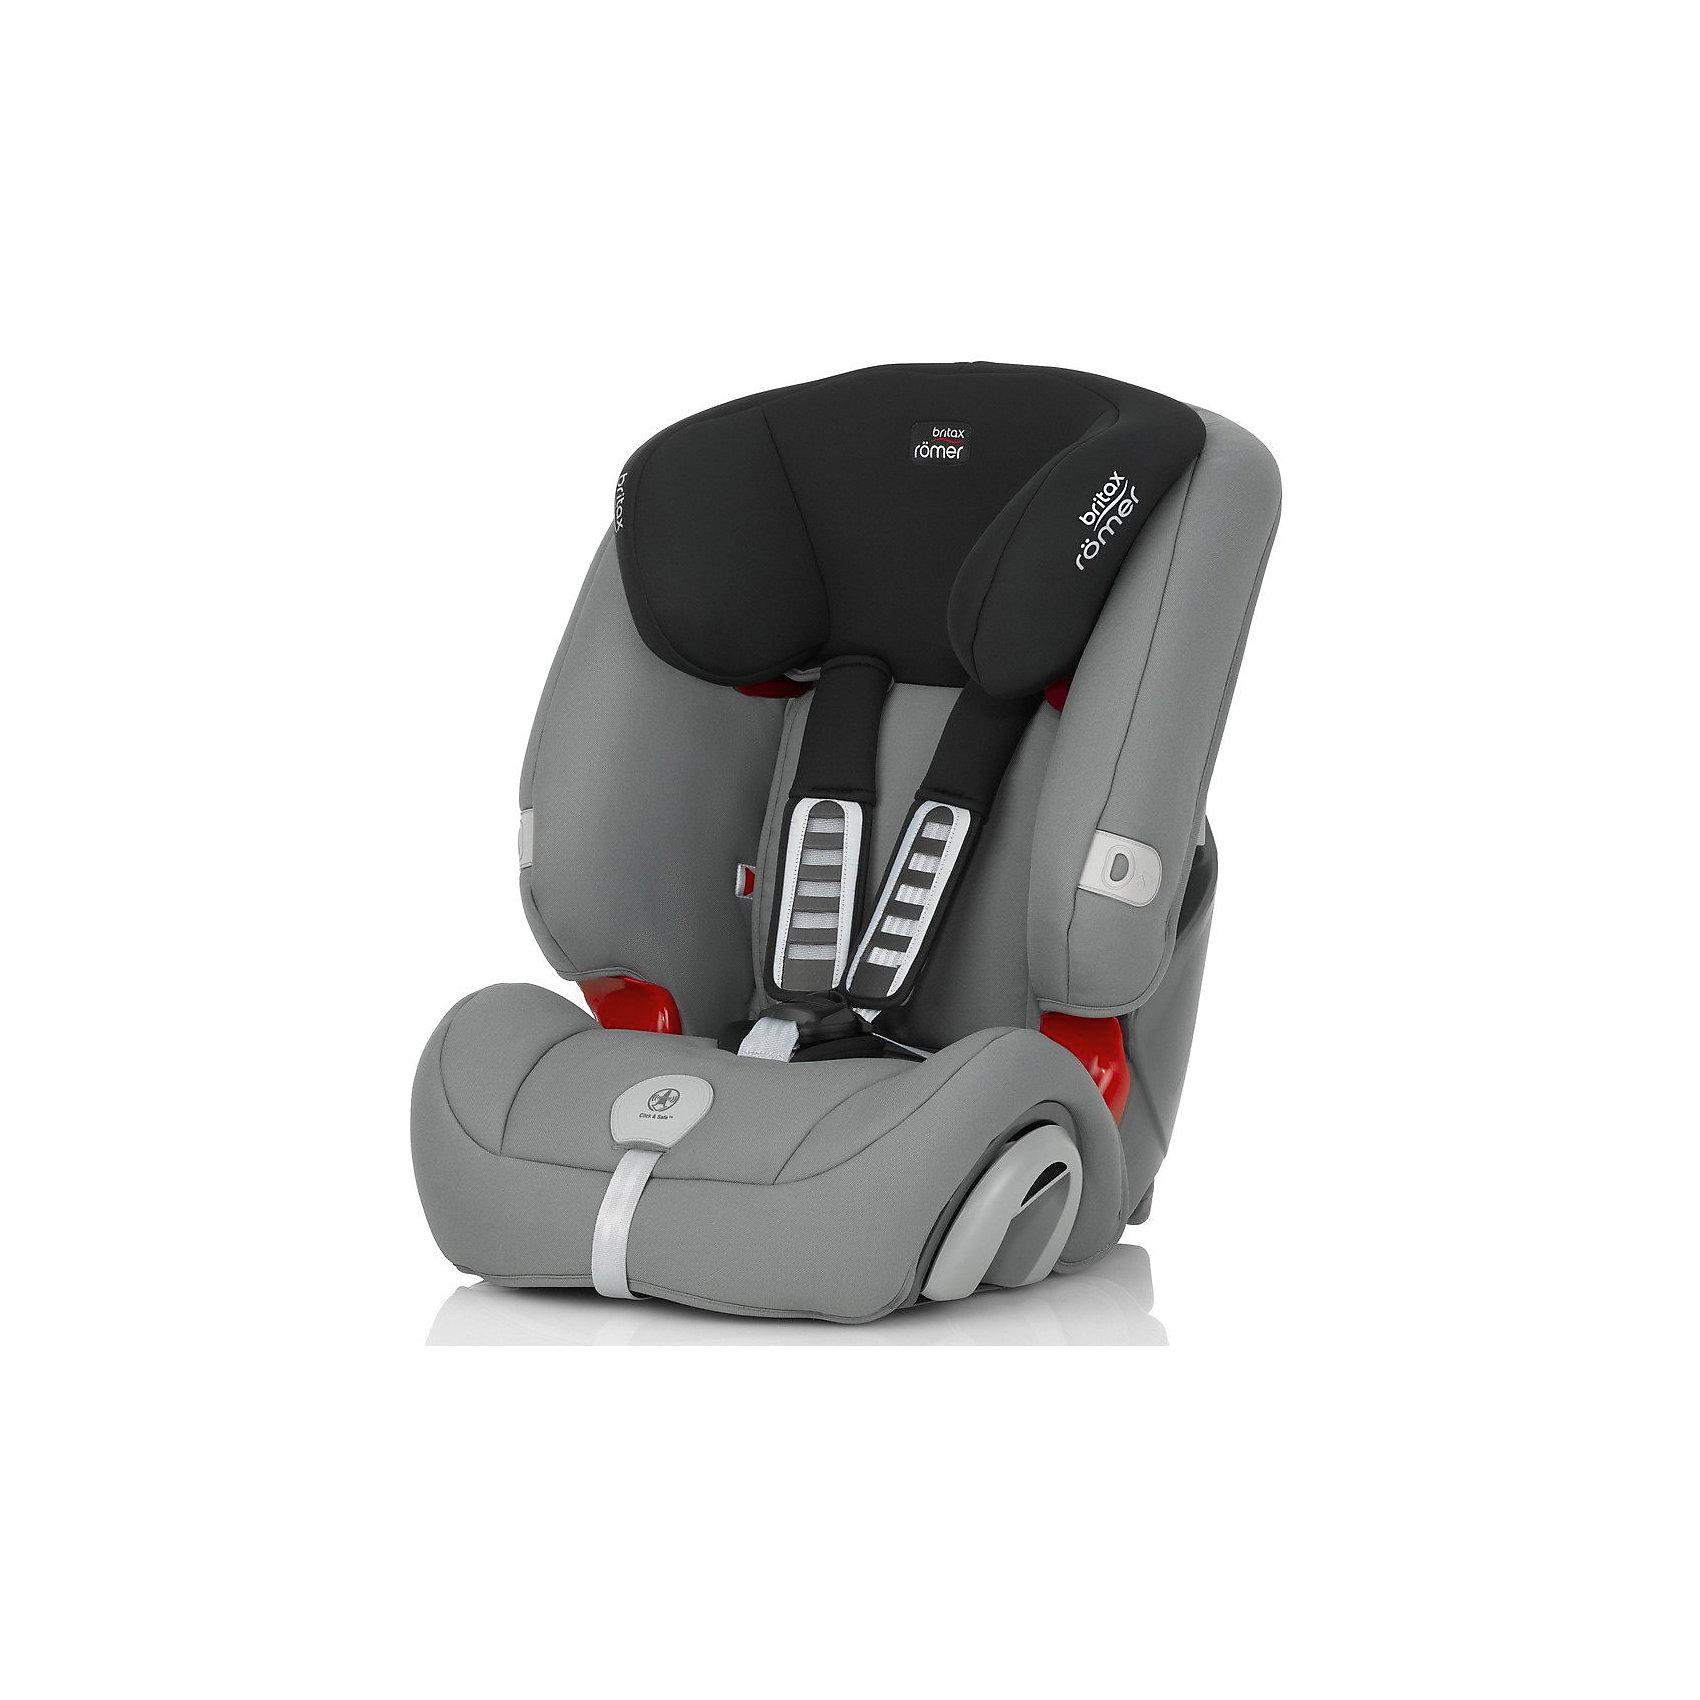 Автокресло EVOLVA 123 Plus 9-36кг., Britax R?mer, Steel GreyАвтокресло EVOLVA 123 Plus 9-36 кг., Britax R?mer (Бритакс Ромер), Steel Grey.<br><br>Характеристики:<br><br>• пятиточечные ремни безопасности можно снять<br>• звуковой индикатор закрепления Click&amp;Safe<br>• мягкие регулируемые боковины<br>• система Adjusta-Fit для регулировки внутренних ремней и высоты подголовника<br>• наклон автокресла можно регулировать<br>• ширина спинки регулируется<br>• мягкие плечевые накладки<br>• съемный чехол<br>• есть подстаканники<br>• крепление штатным ремнем<br>• воздухопроницаемые материалы<br>• для детей от 9 до 36 кг<br>• установка по ходу движения<br>• материал: пластик, текстиль<br>• размер: 50х52х61 см<br>• вес: 8 кг<br>• цвет: серый/черный<br><br>Автокресло EVOLVA 123 Plus 9-36 кг., Britax R?mer подходит ля детей от 9 месяцев до 12 лет. Подголовник и внутренние ремни безопасности легко регулируются. Кресло оснащено пятиточечными ремнями безопасности, имеющими мягкие накладки на плечи. Накладки обеспечат не только комфорт, но и дополнительную безопасность при столкновении. Для комфорта ребенка в кресле предусмотрены регулируемый подголовник, регулируемая ширина спинки, регулируемый наклон кресла. Система Click&amp;Safe оповестит вас о правильном натяжении ремней. Даже дальние поездки в этом автокресле пройдут с комфортом!<br><br>Купить автокресло EVOLVA 123 Plus 9-36 кг., Britax R?mer (Бритакс Ромер), Steel Grey вы можете в нашем интернет-магазине.<br><br>Ширина мм: 500<br>Глубина мм: 520<br>Высота мм: 610<br>Вес г: 8100<br>Возраст от месяцев: 18<br>Возраст до месяцев: 144<br>Пол: Унисекс<br>Возраст: Детский<br>SKU: 5089848